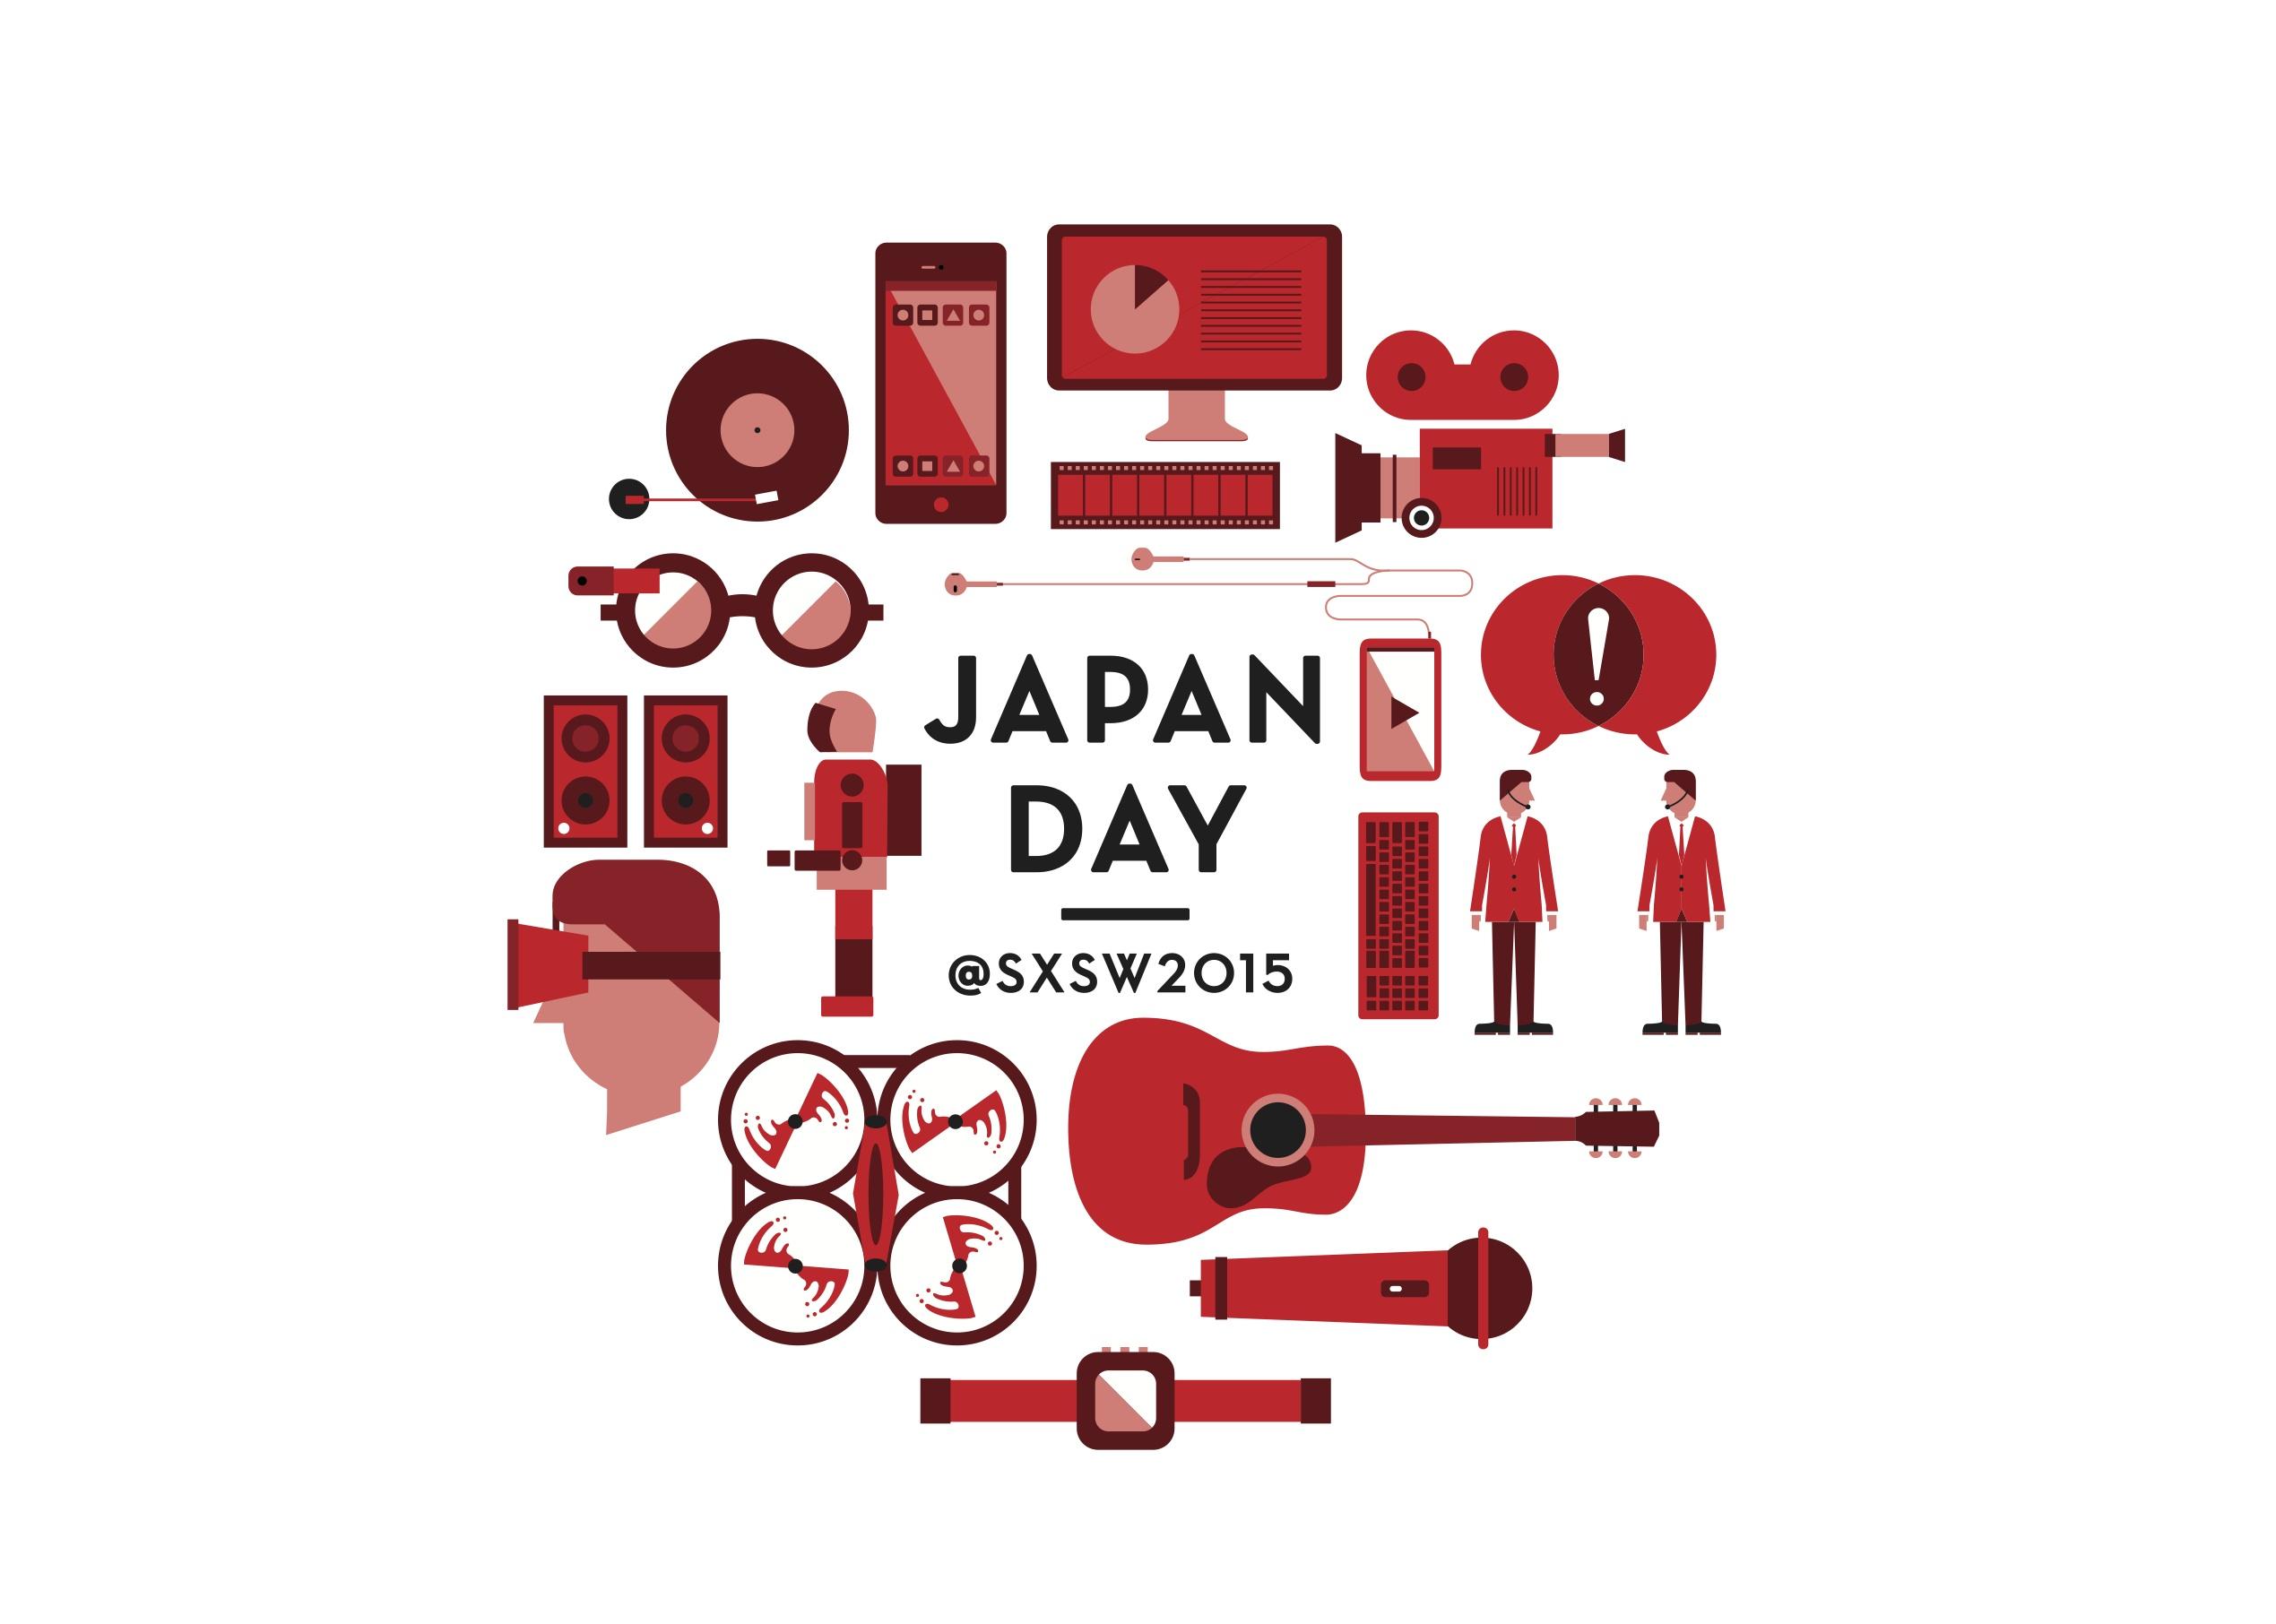 Japan_day_logo